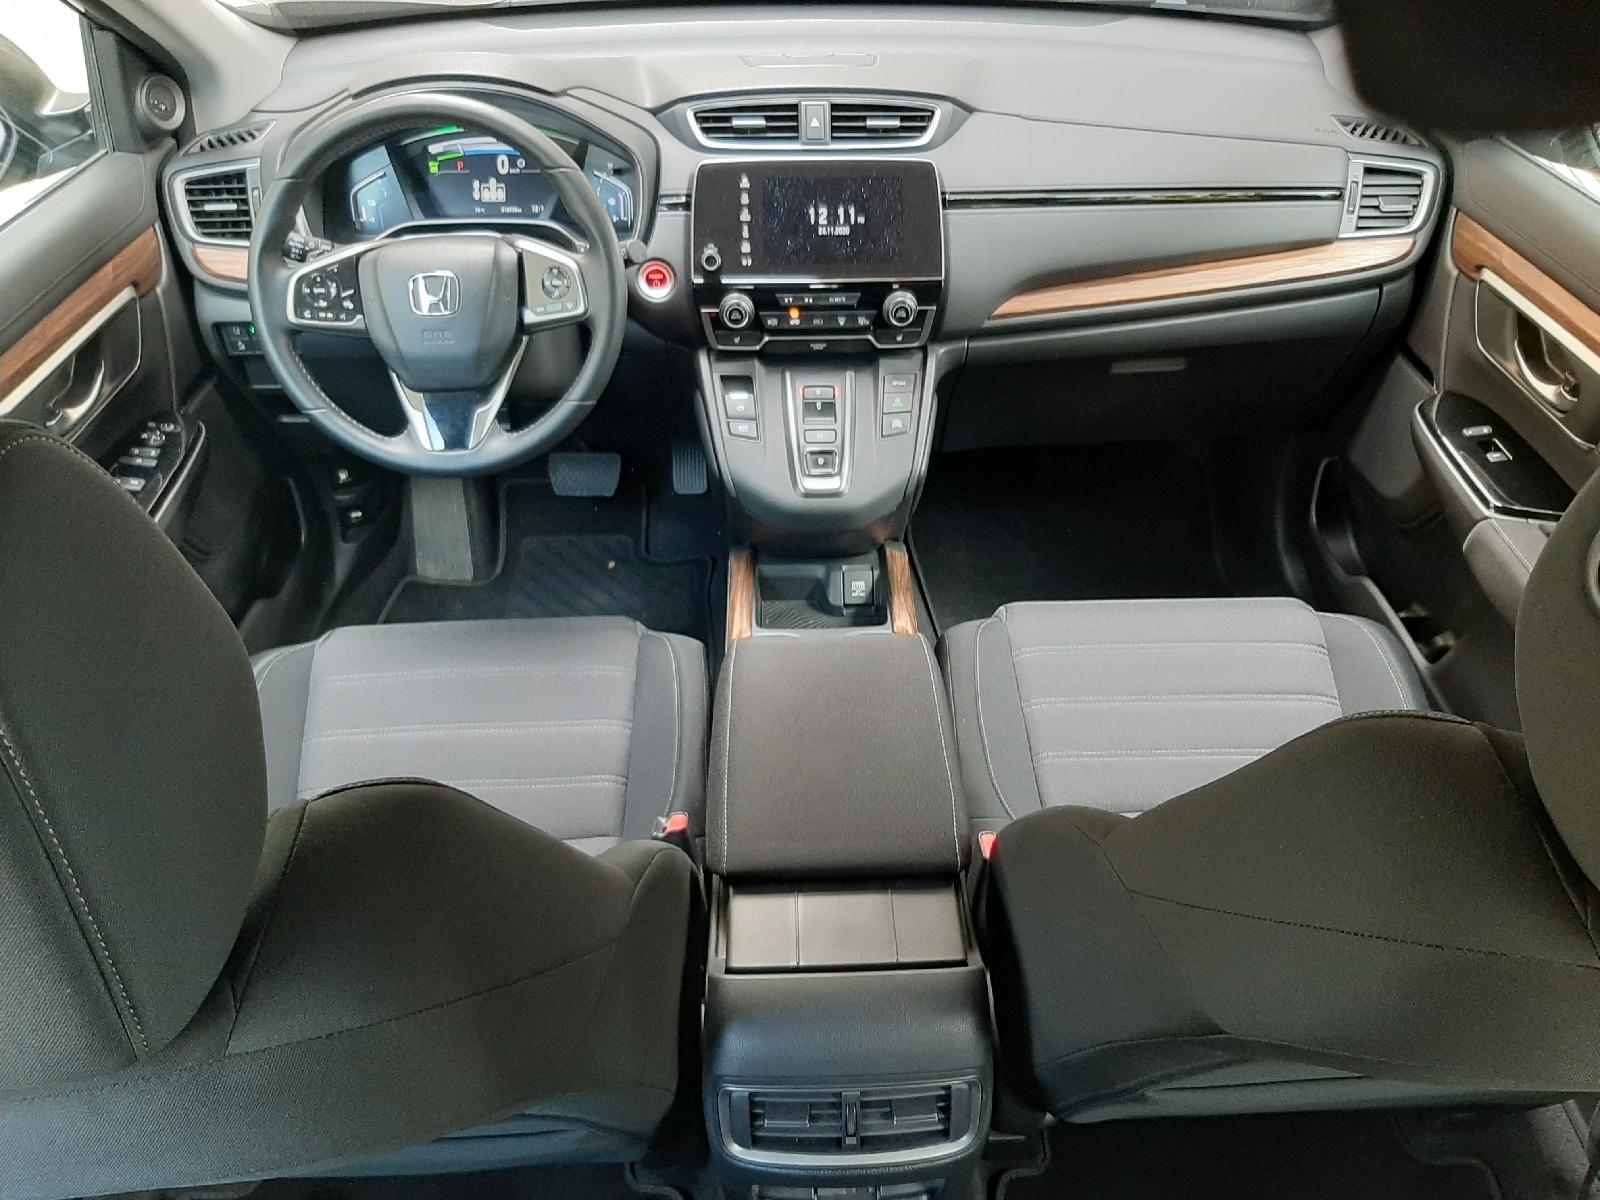 1613490042117941 3 Οδηγούμε το Honda CR-V Hybrid Honda, Honda CR-V, TEST, ΔΟΚΙΜΕΣ, οδηγούμε